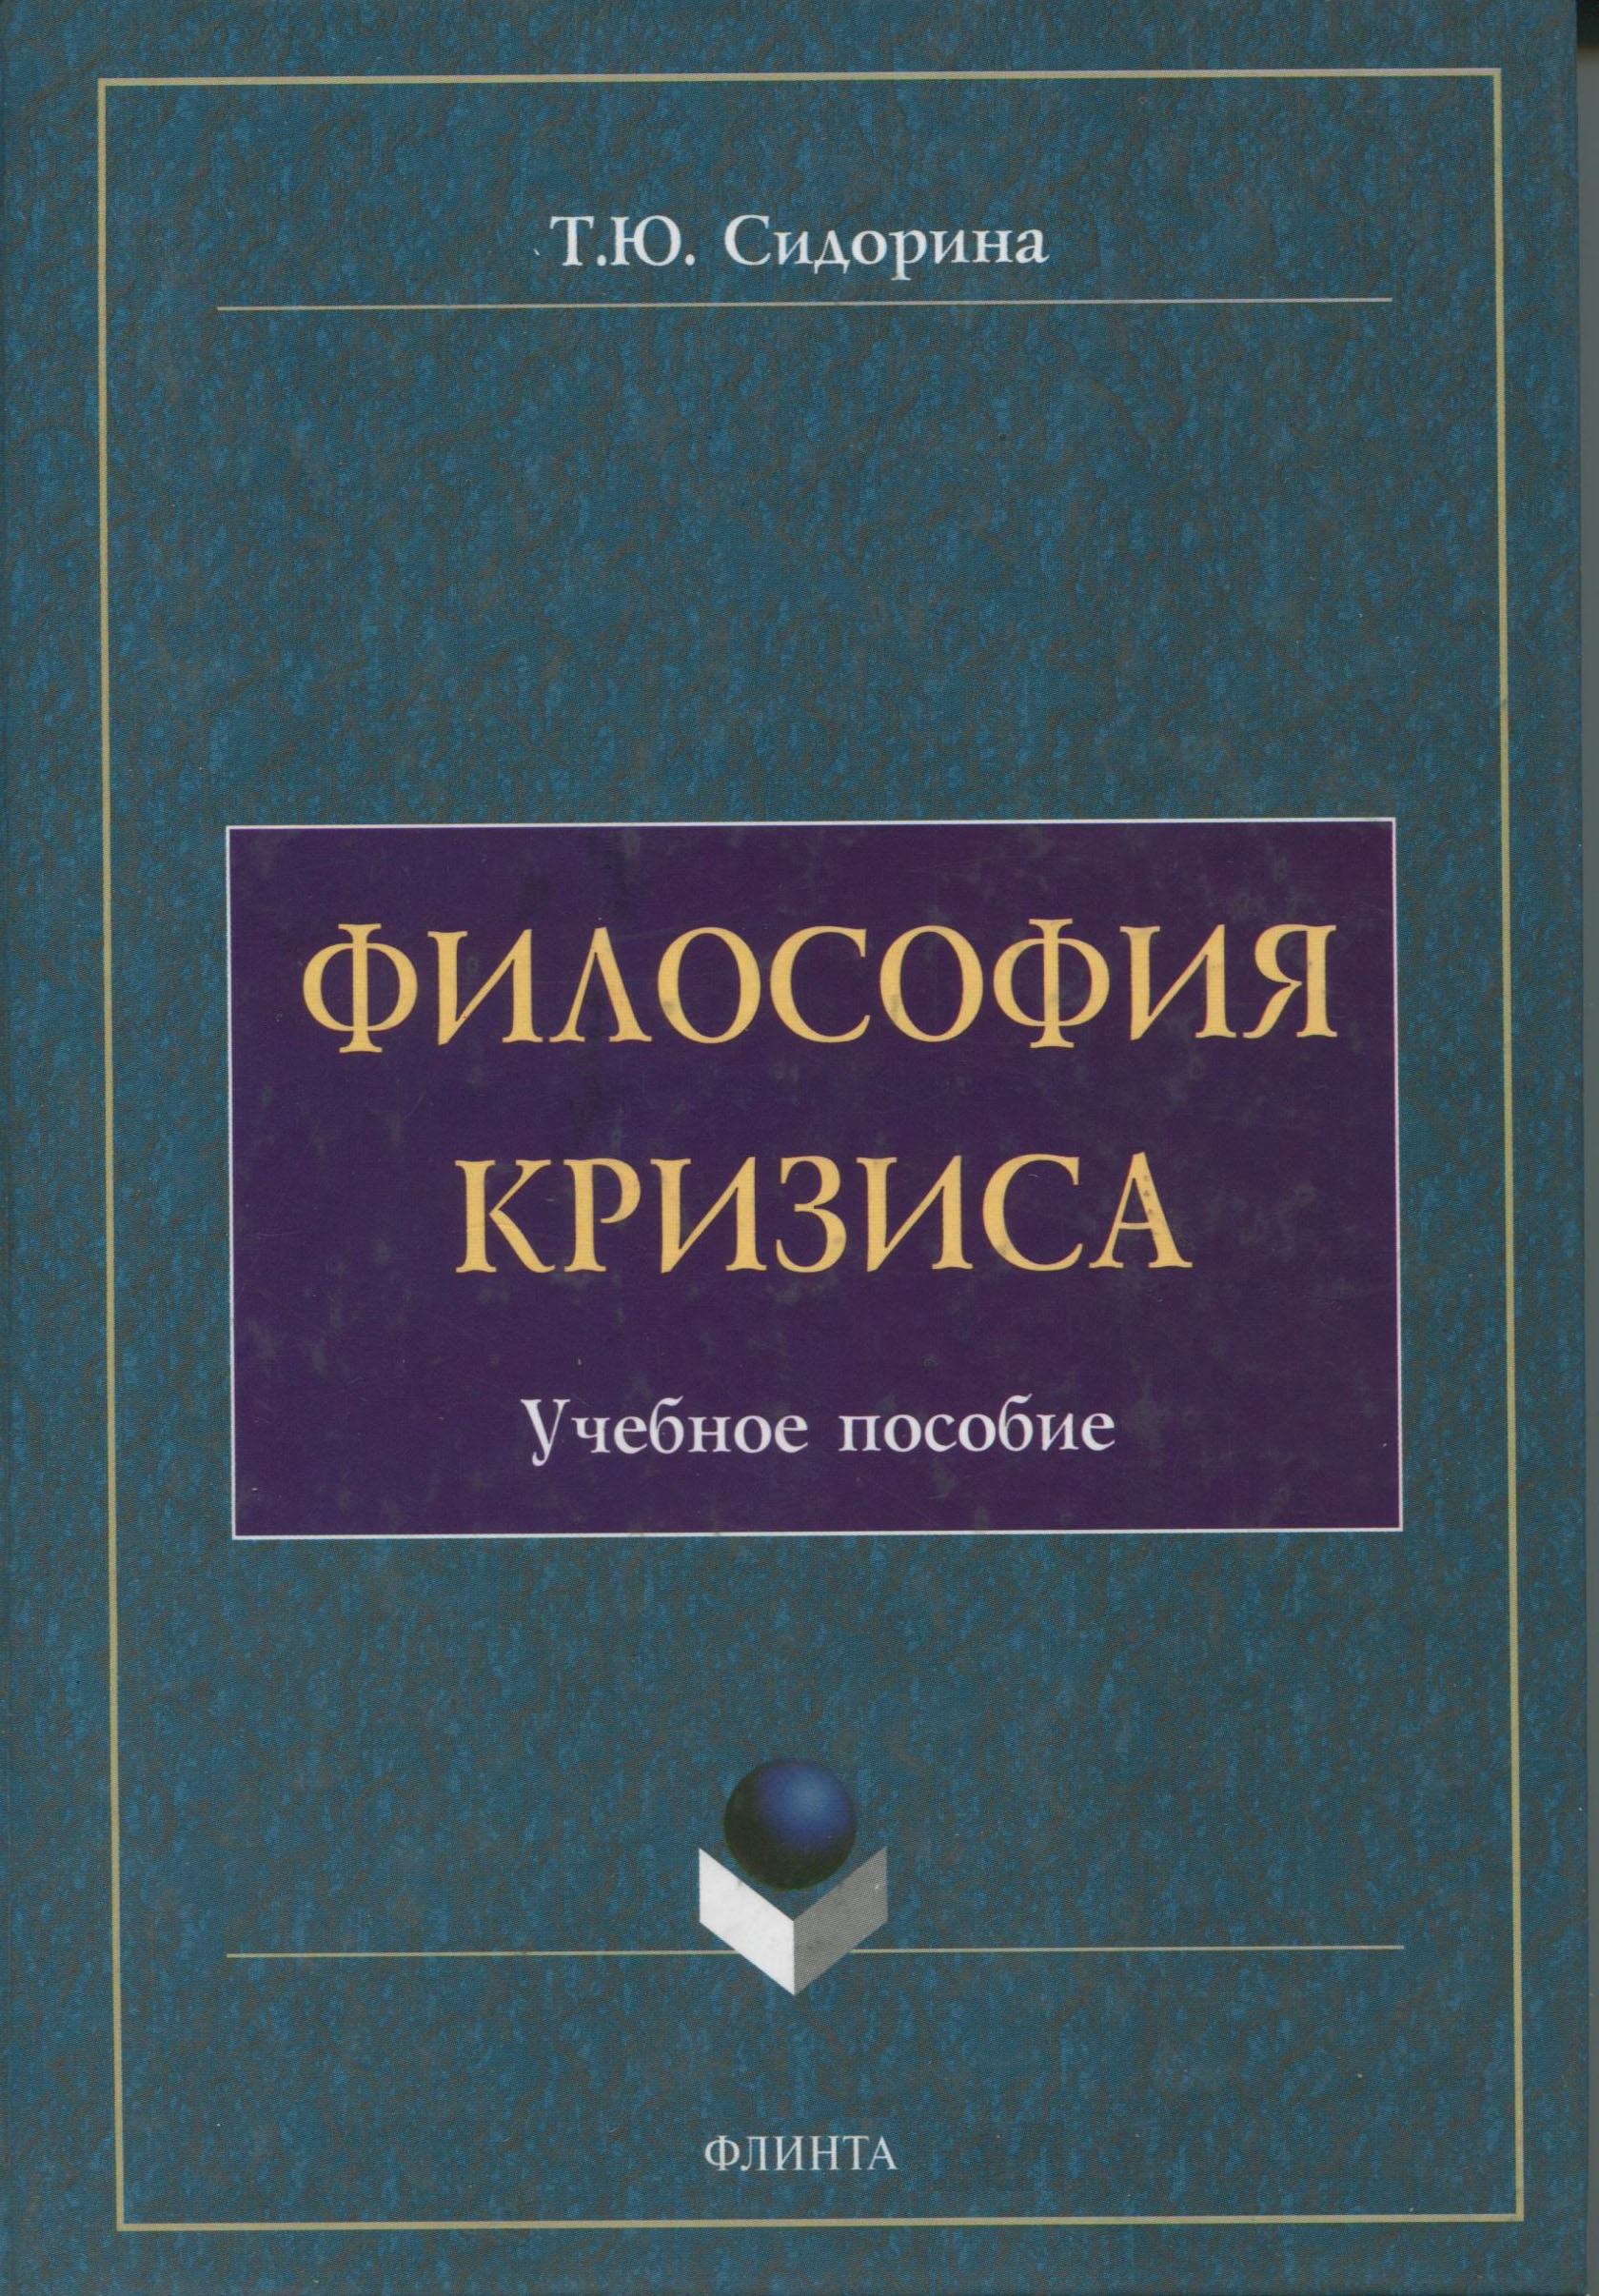 Философия кризиса ( Татьяна Сидорина  )